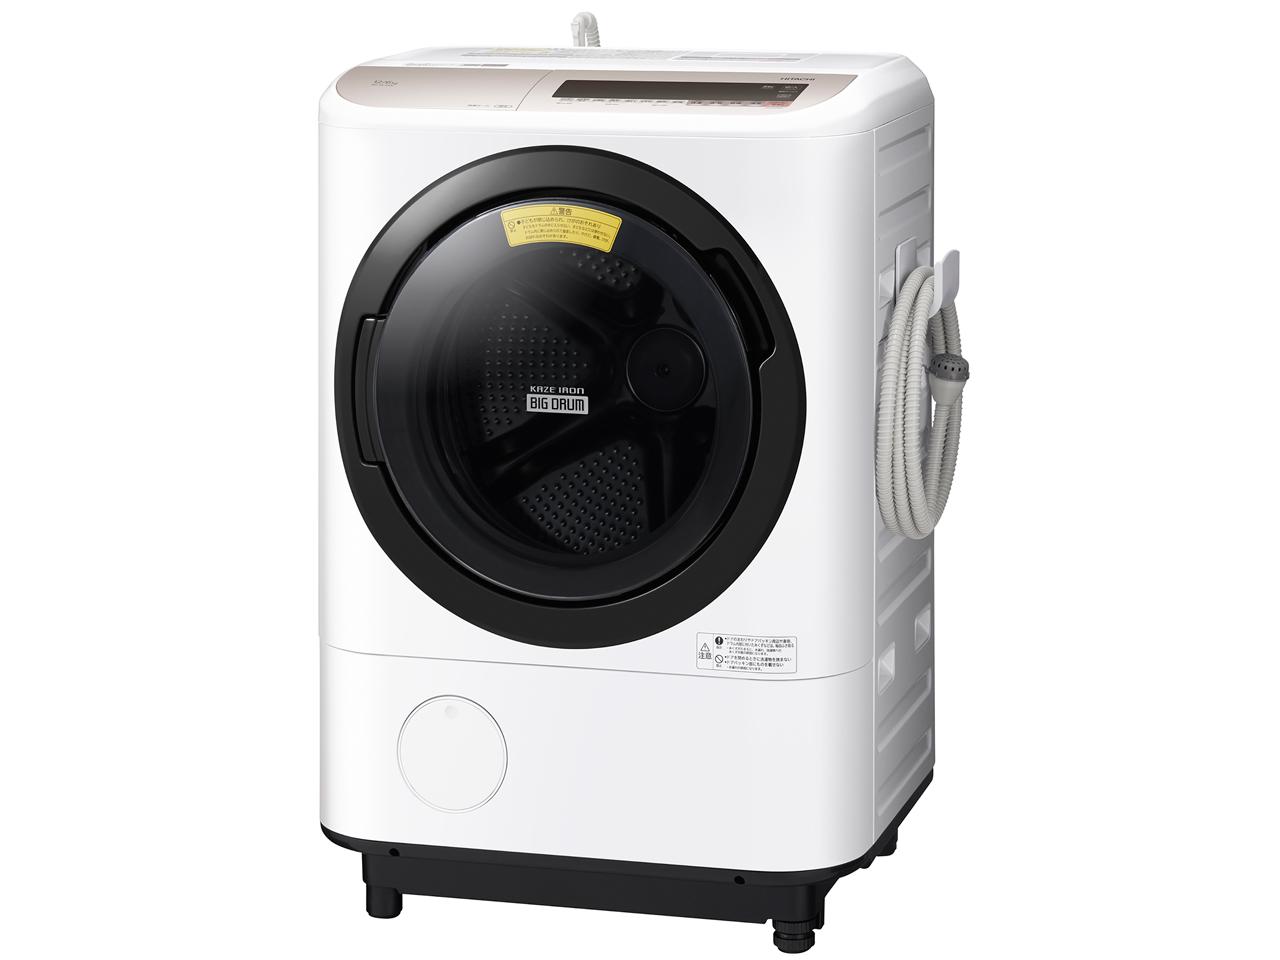 日立 12.0kg ドラム式洗濯乾燥機 BD-NV120CL-N【左開き】